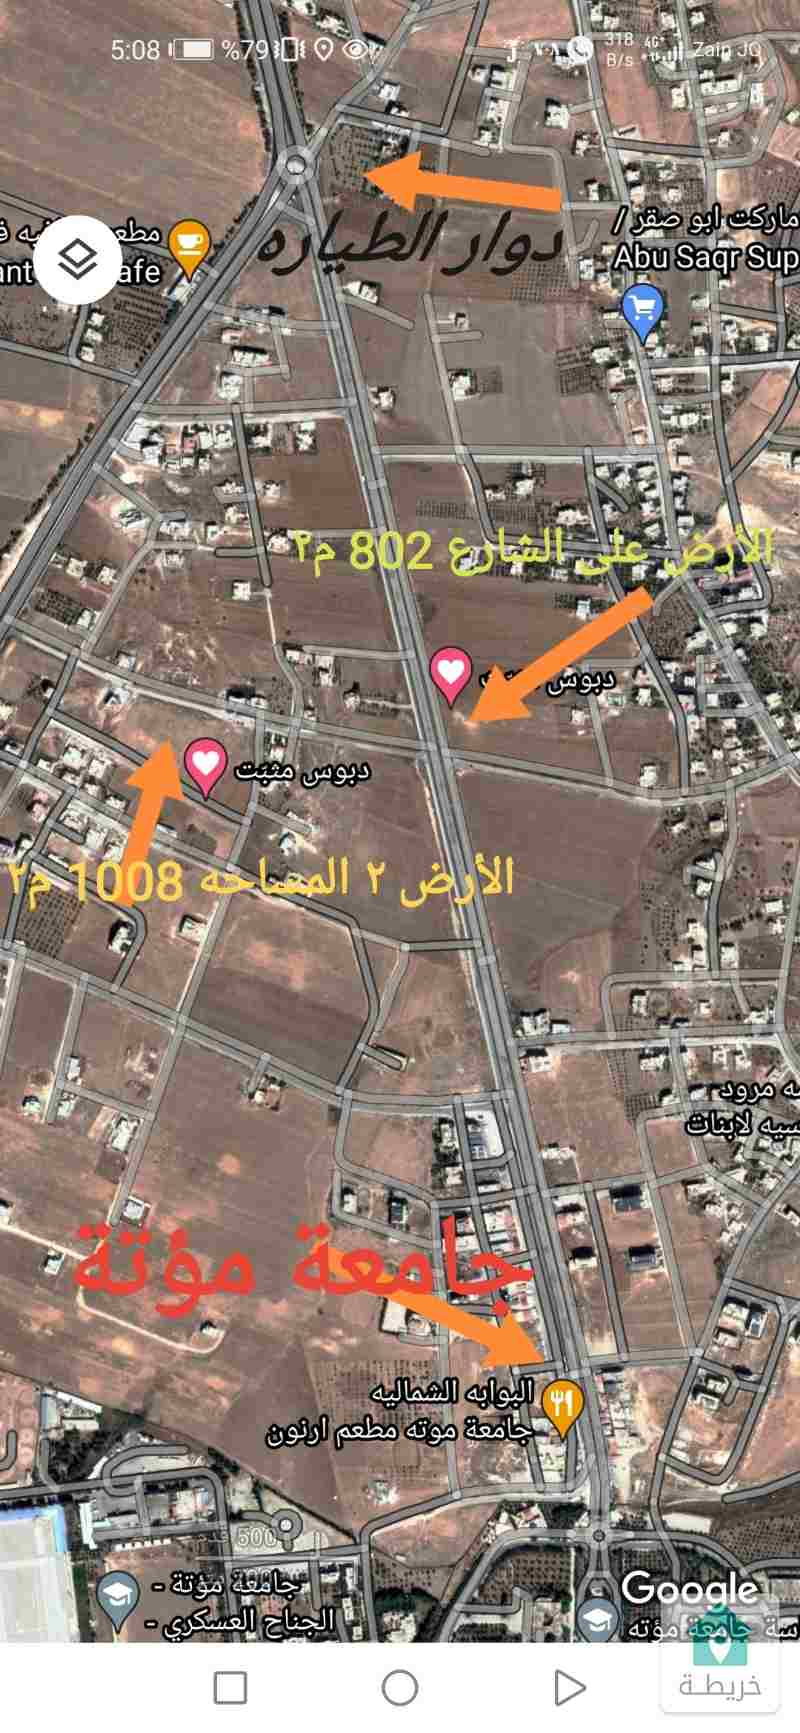 ارض للبيع على الشارع الرئيسي لجامعة مؤته و قرب الحامعه